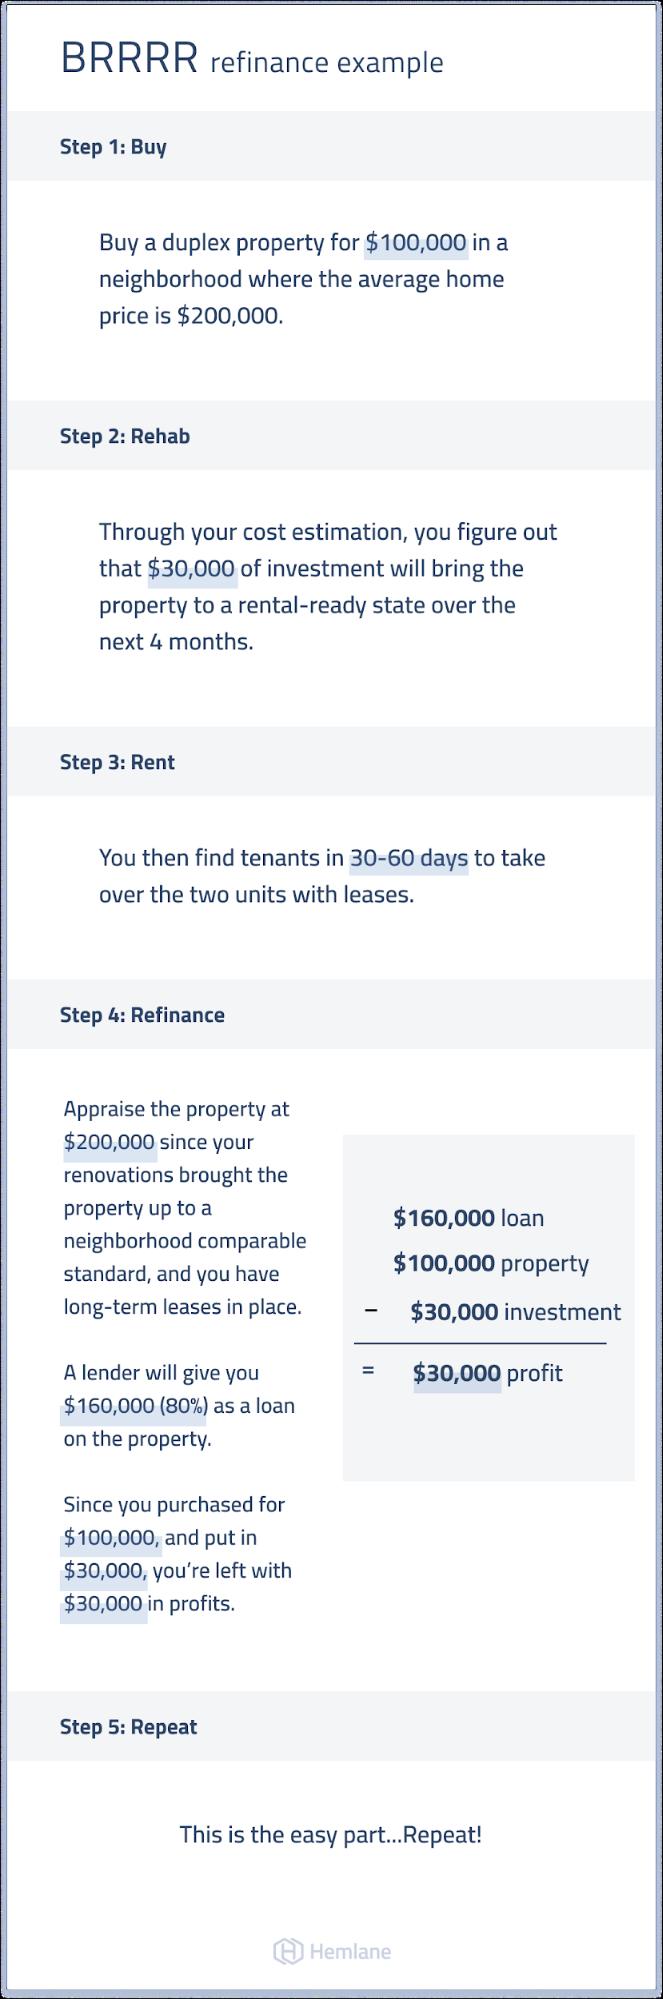 BRRRR refinance example